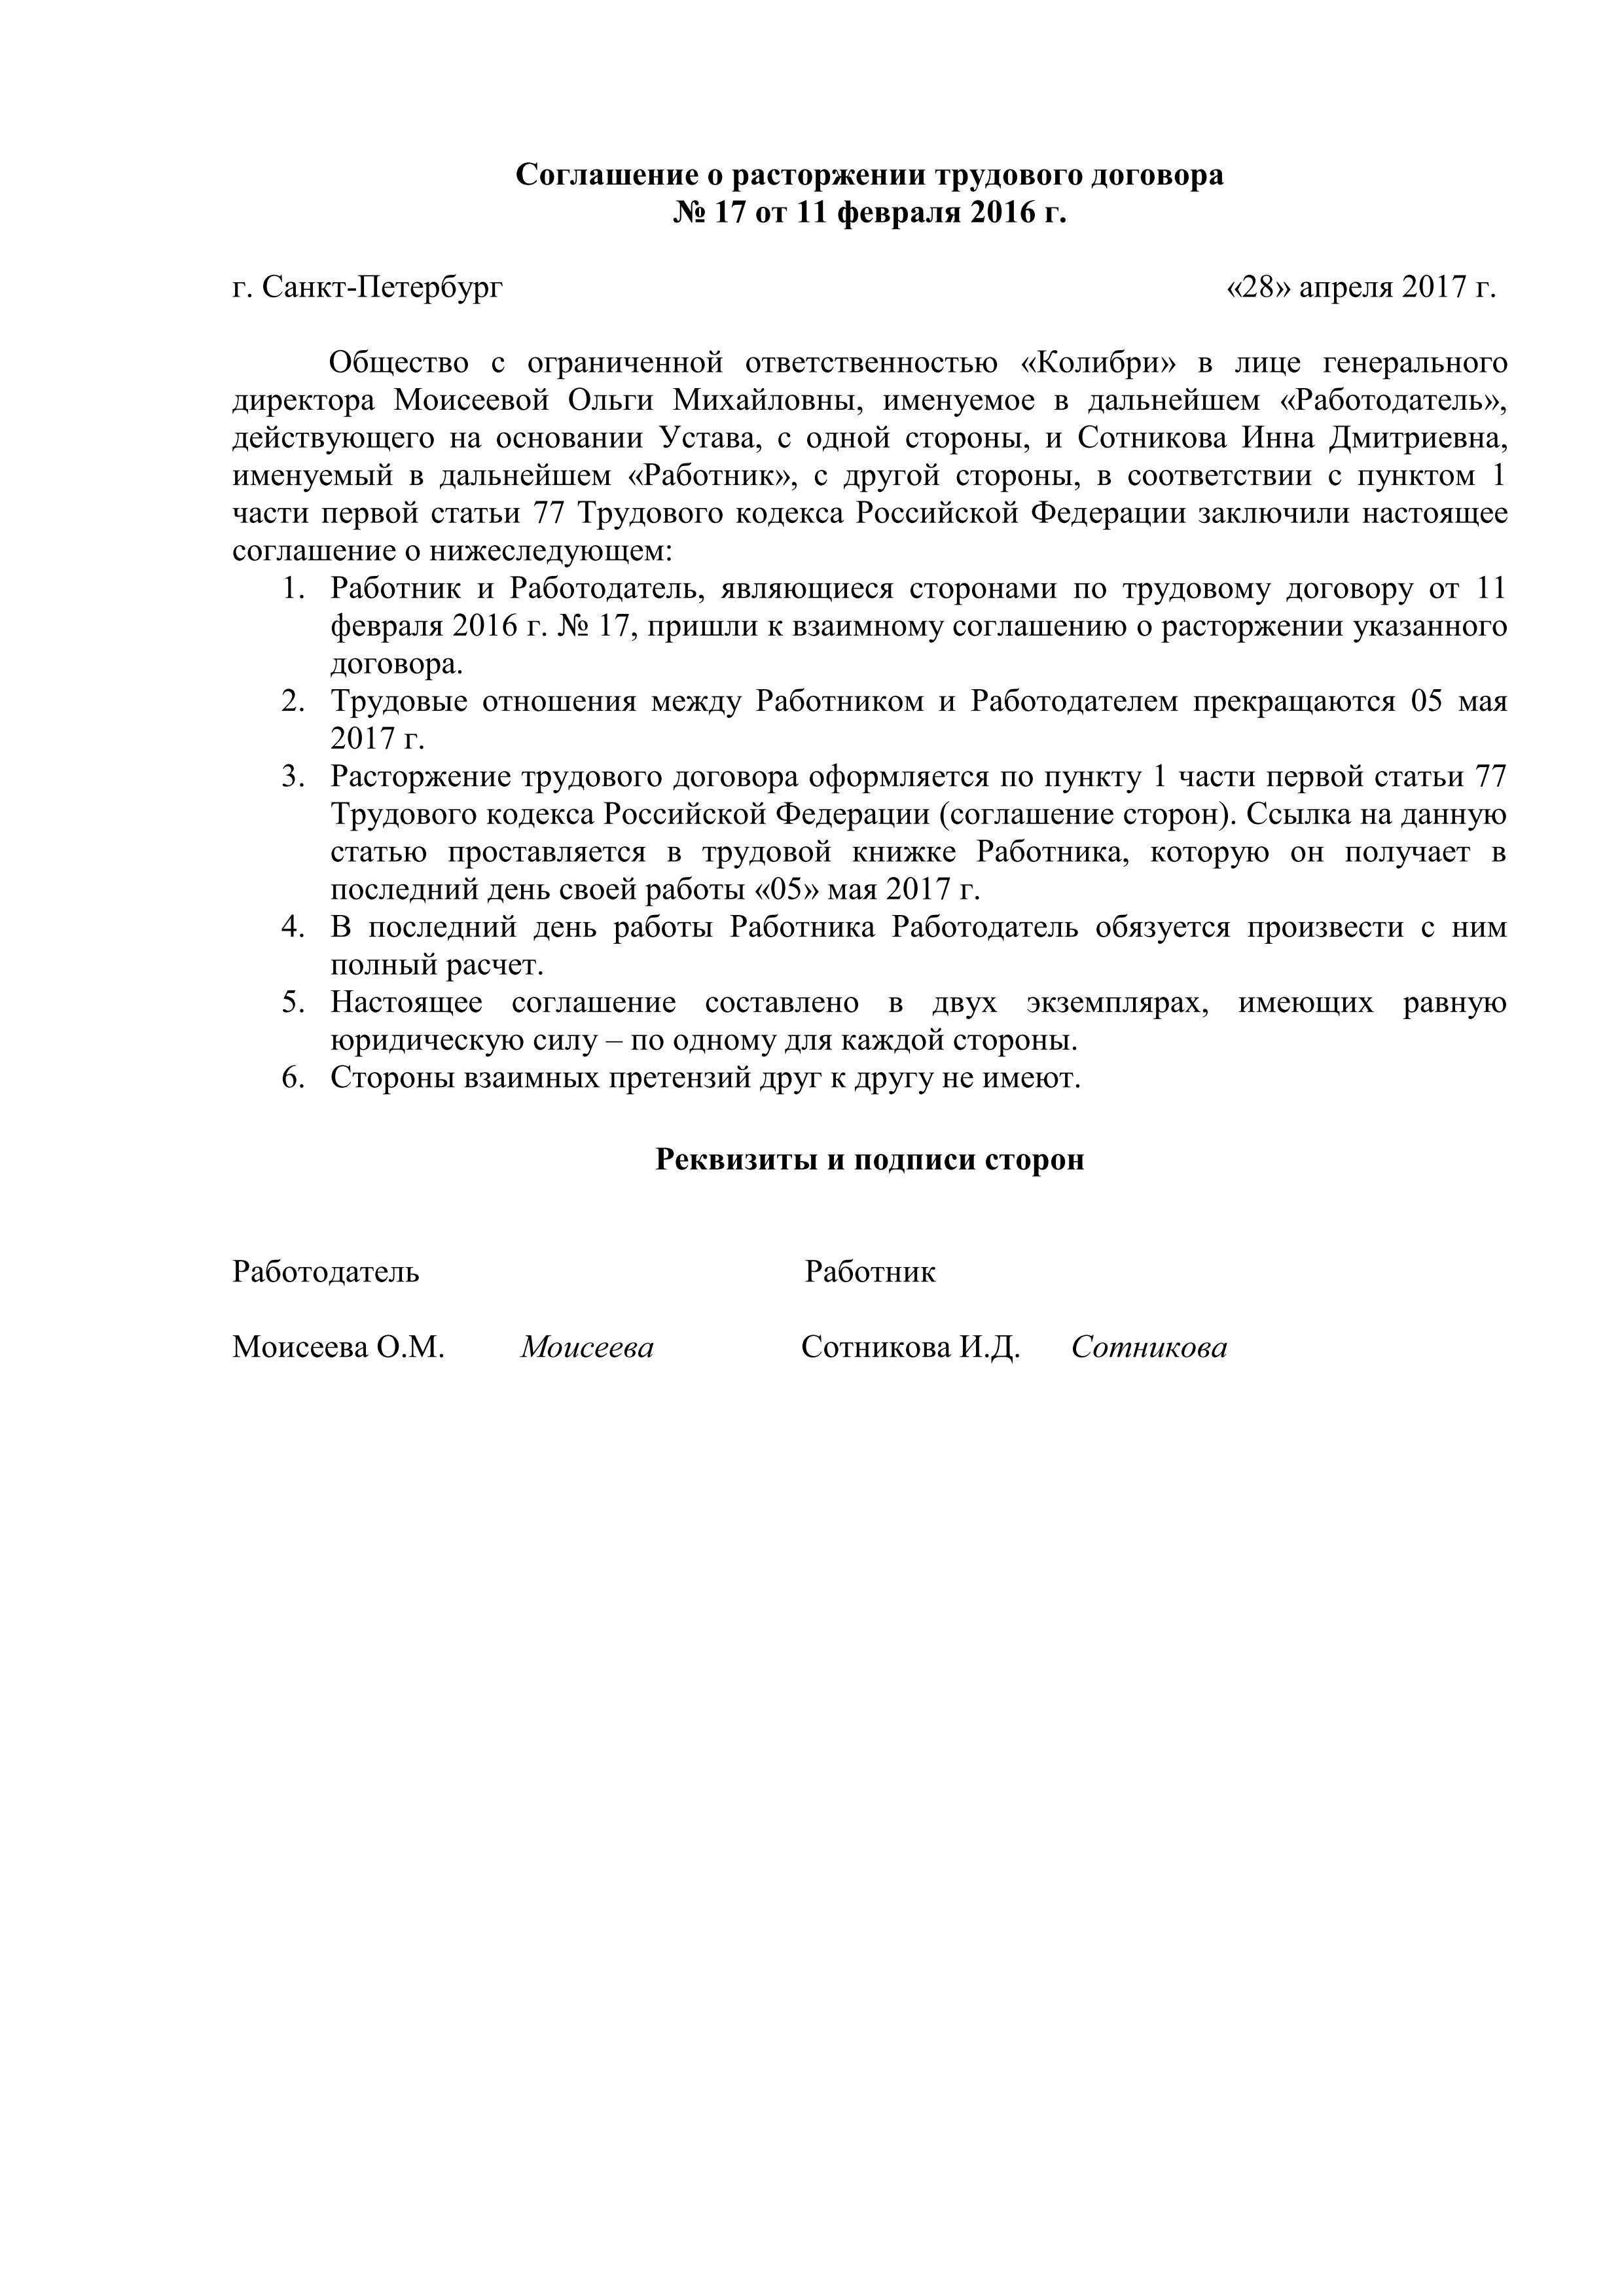 Соглашение о расторжении трудового договора скачать